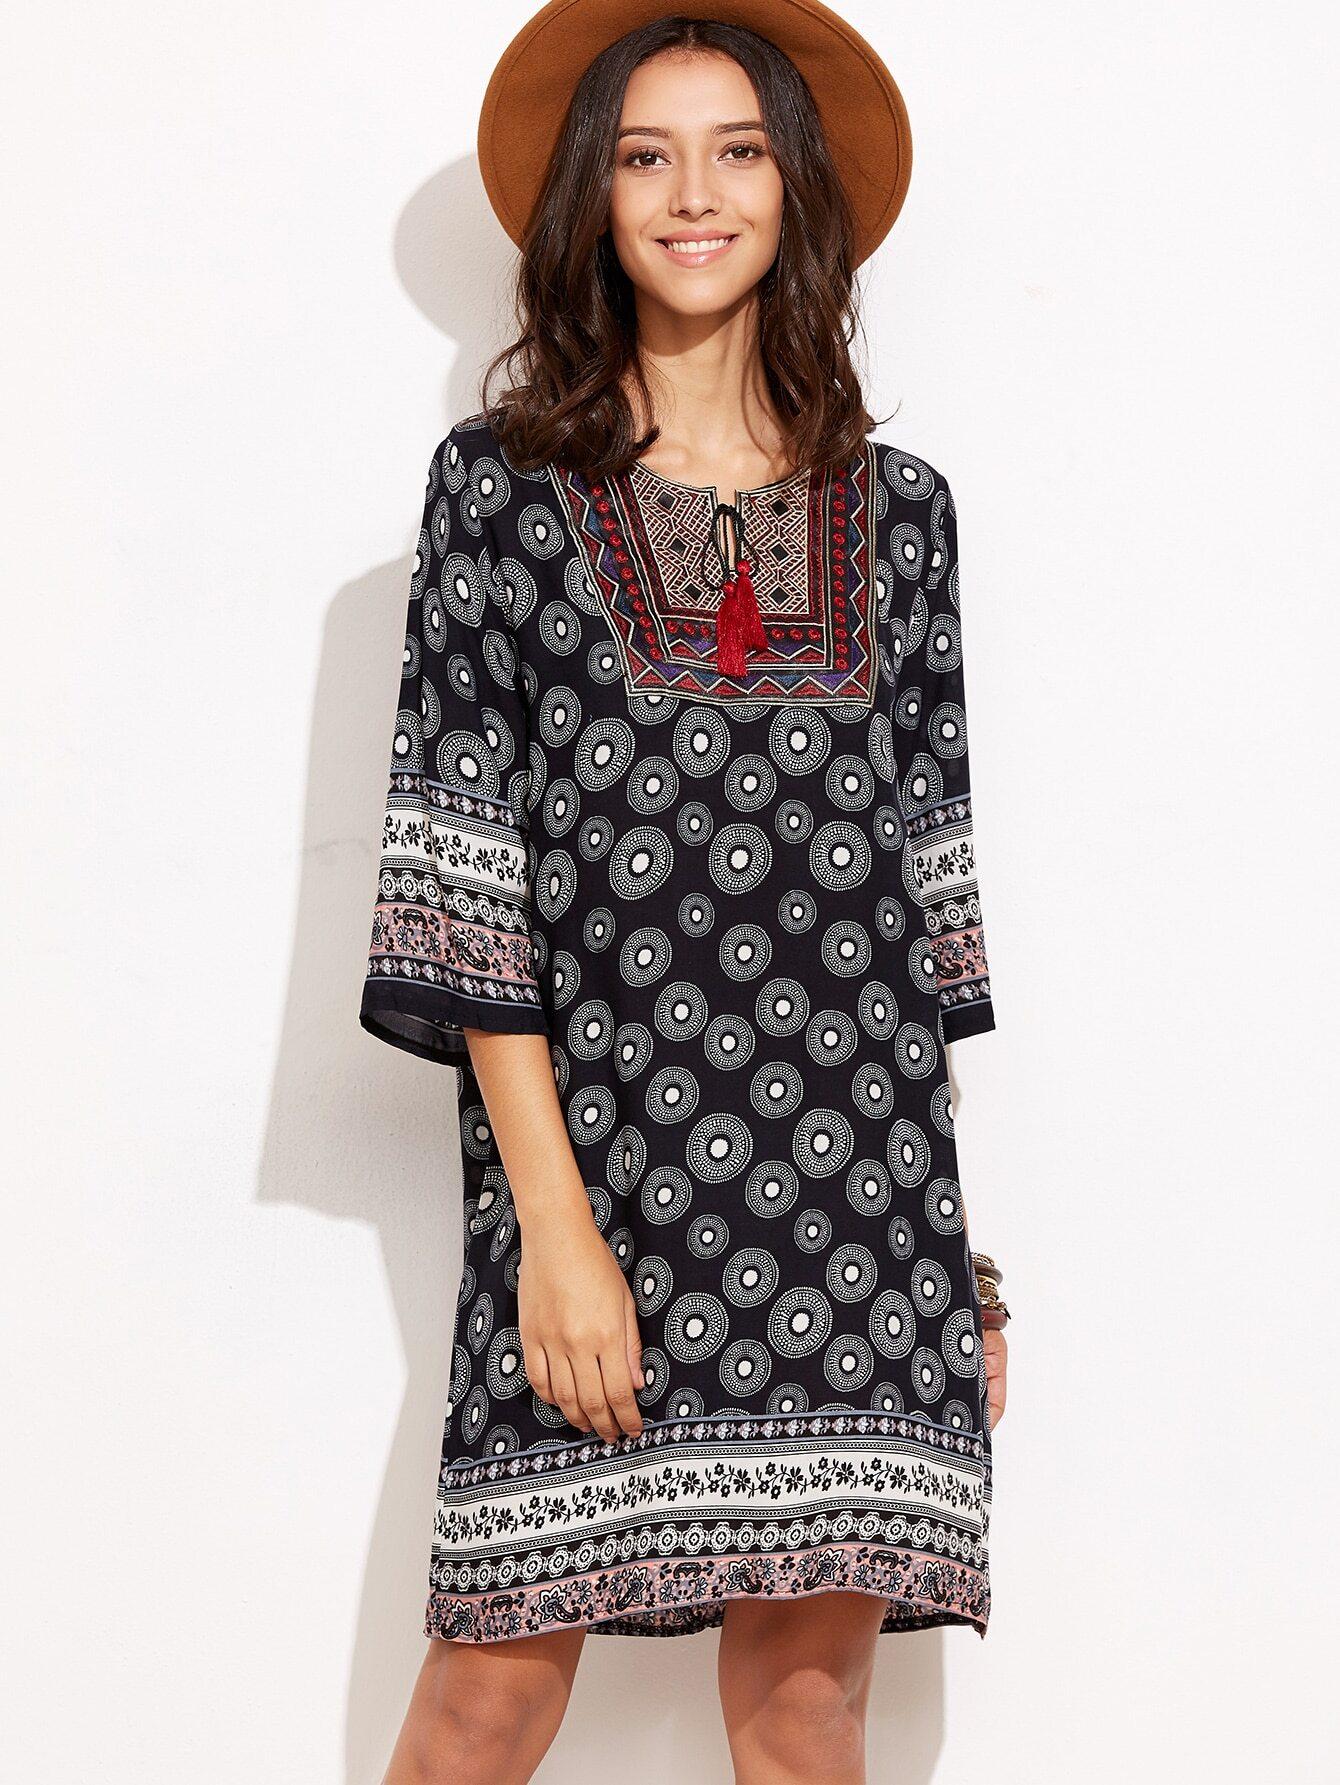 dress160906102_2